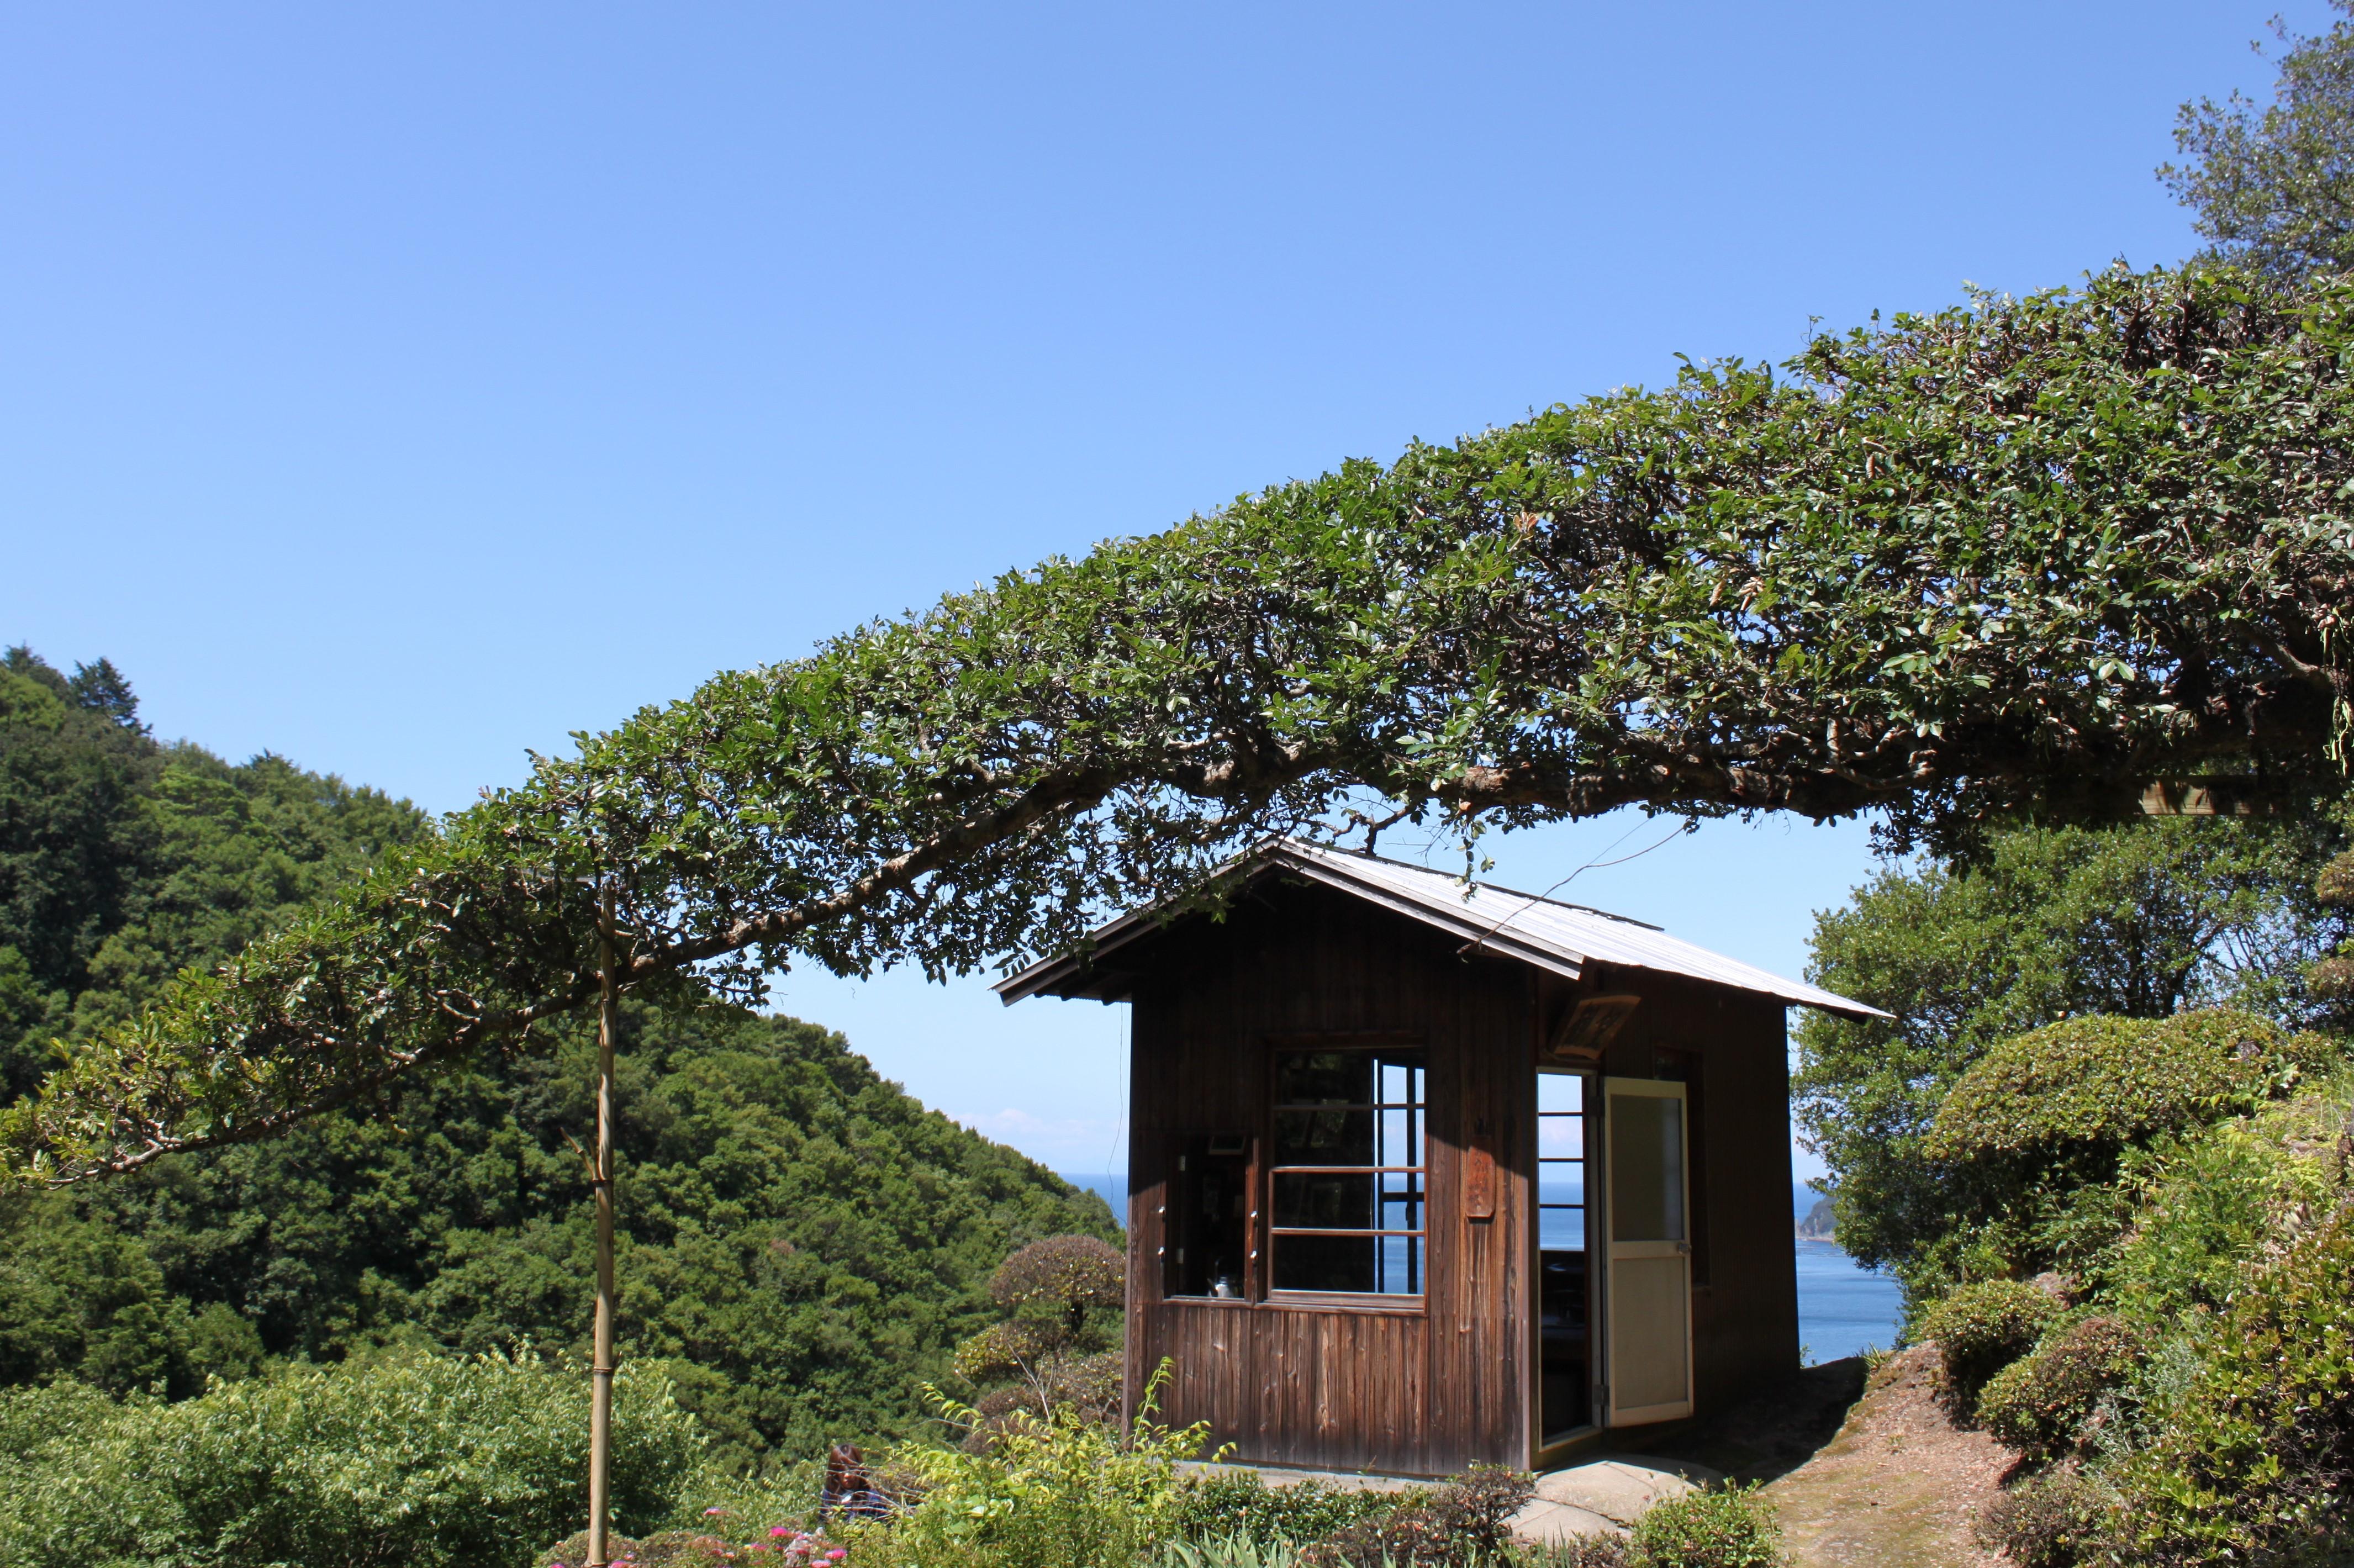 休憩できる小屋があります